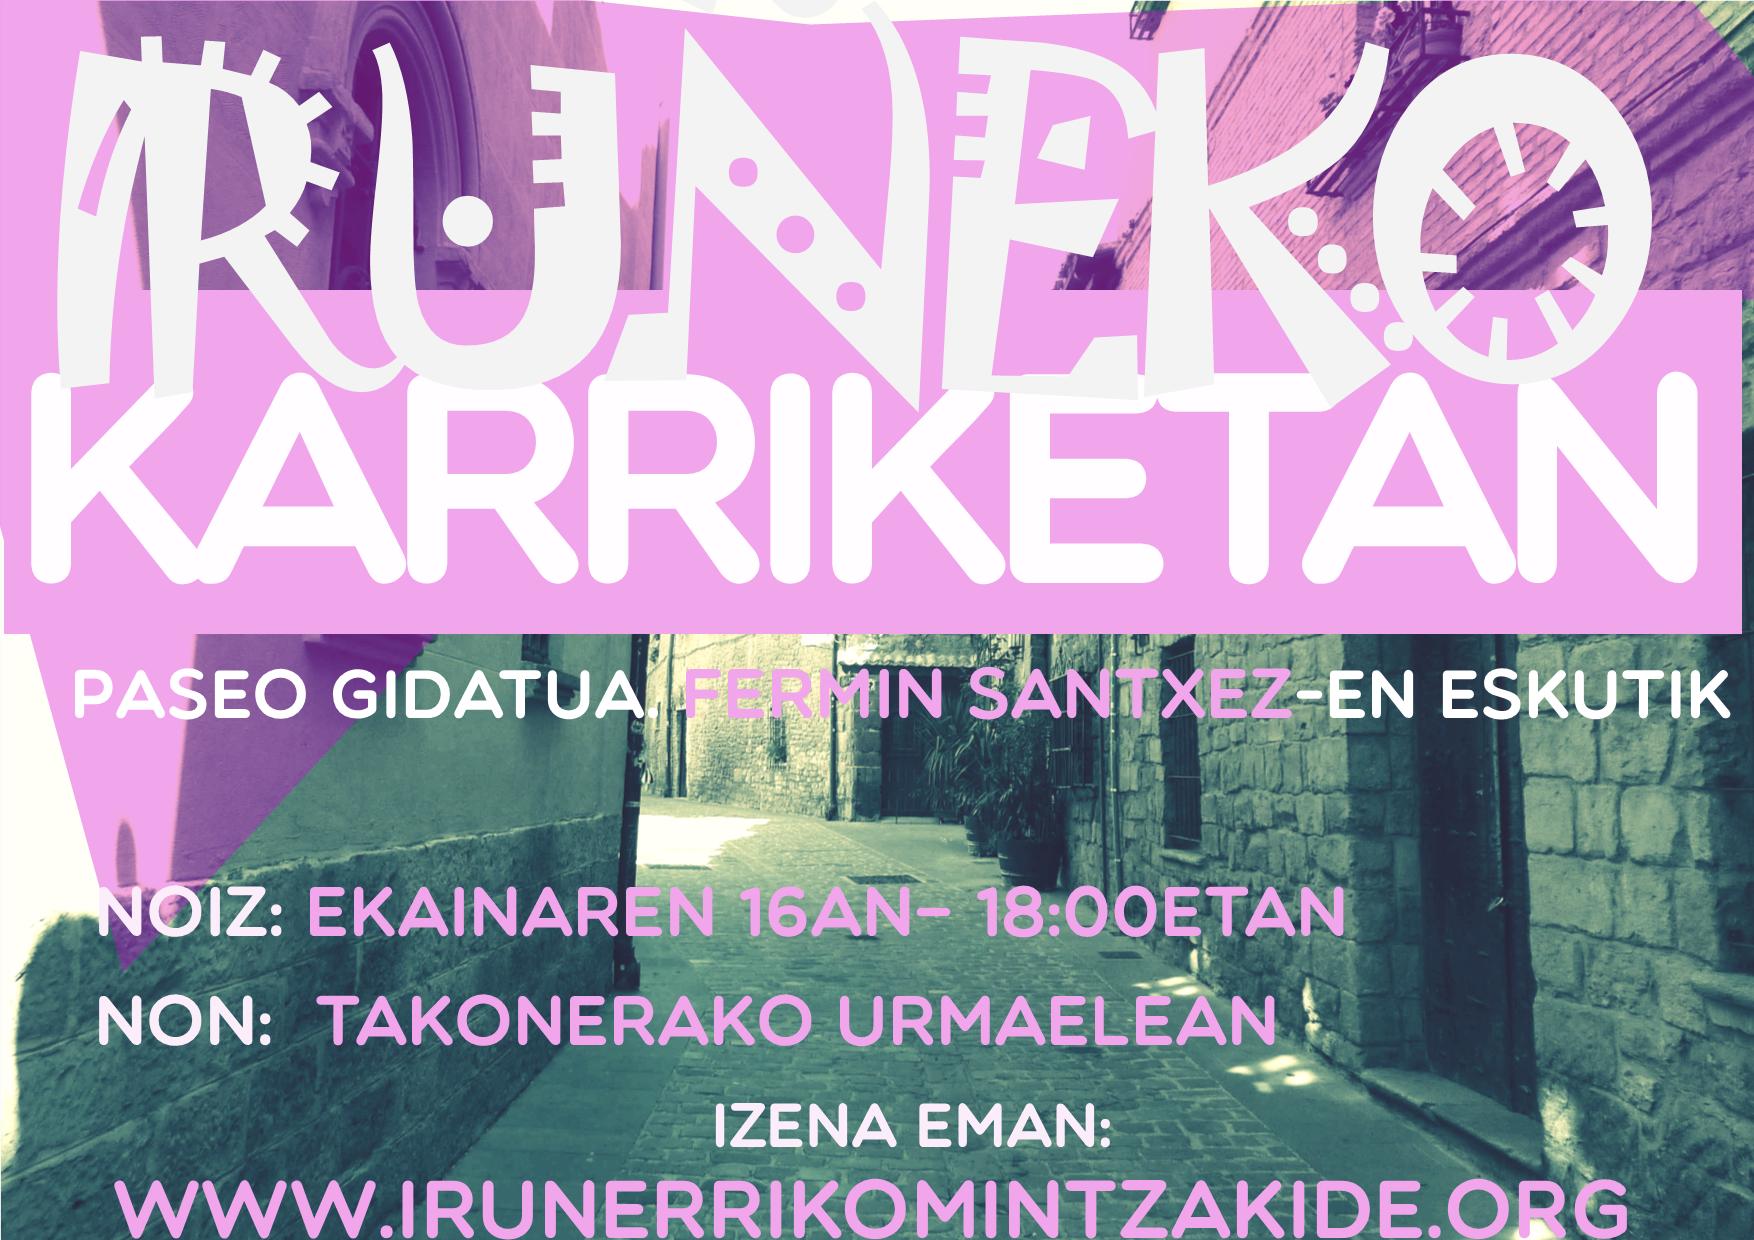 """Ekainak 16: """"Iruñeko Karriketan"""" paseo gidatua + Pintxo-poteoa!"""